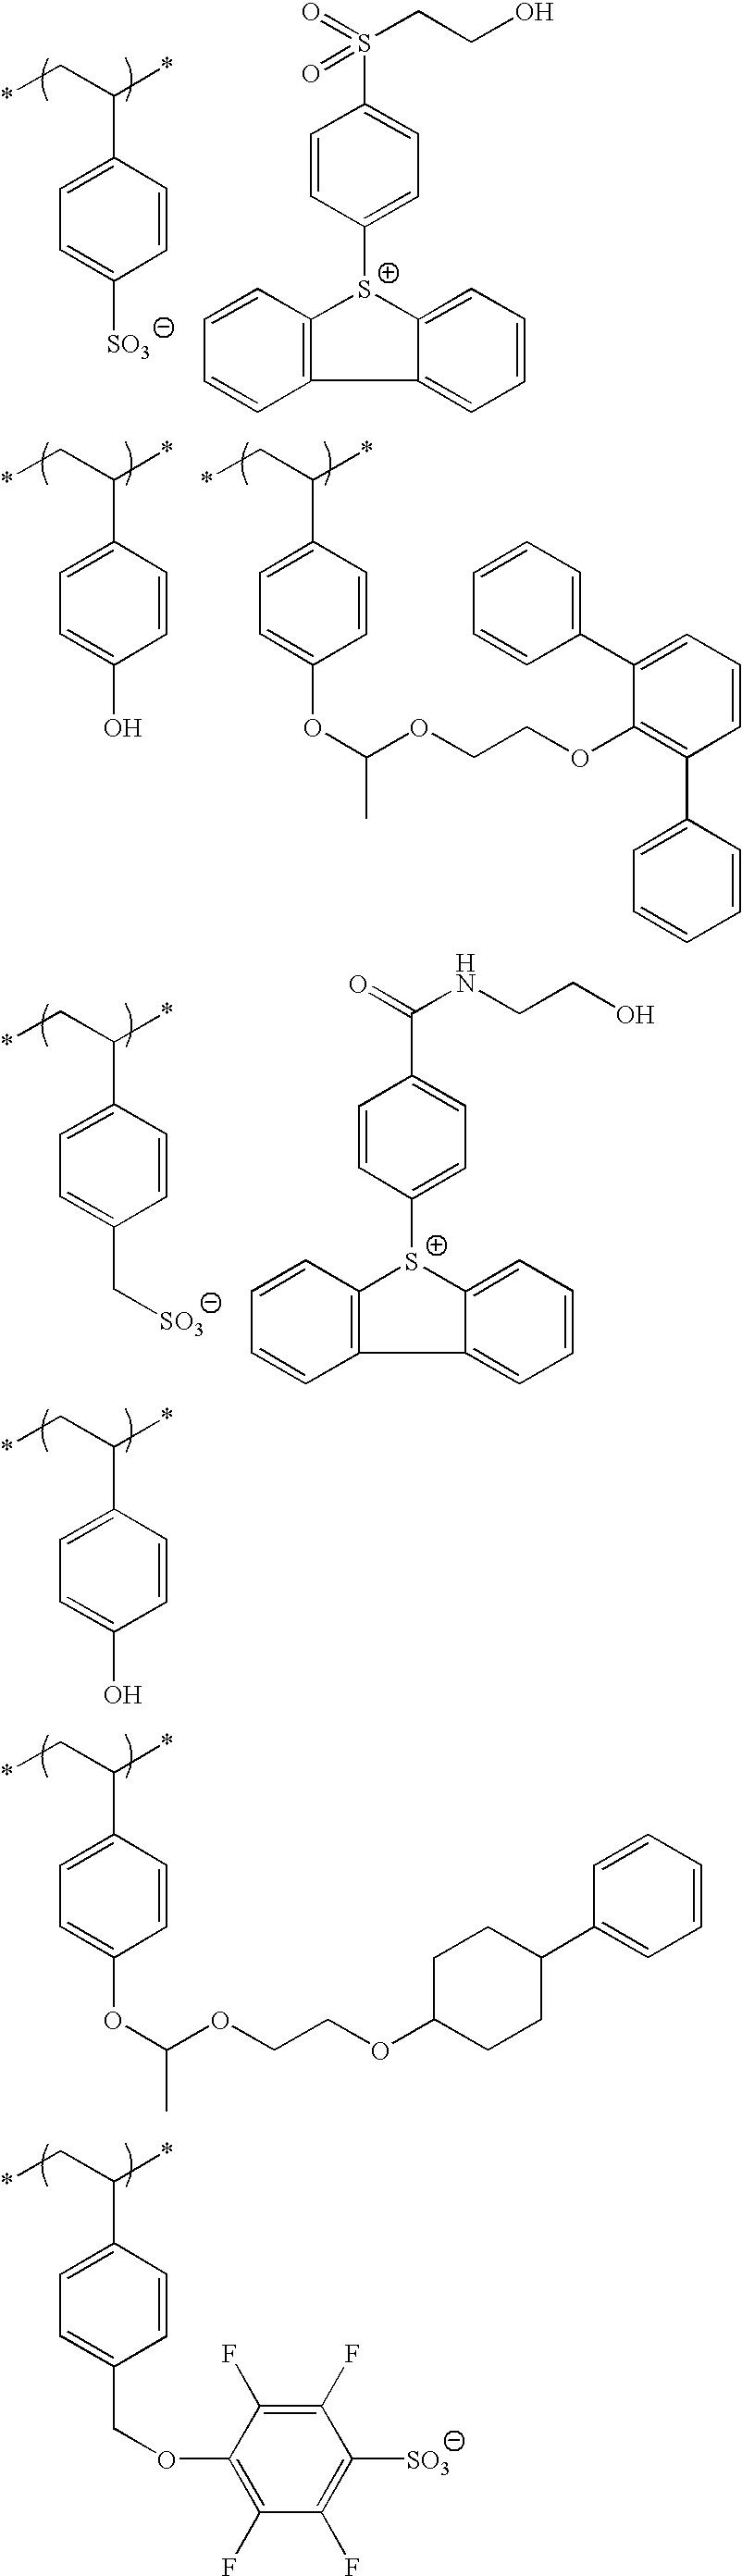 Figure US08852845-20141007-C00167